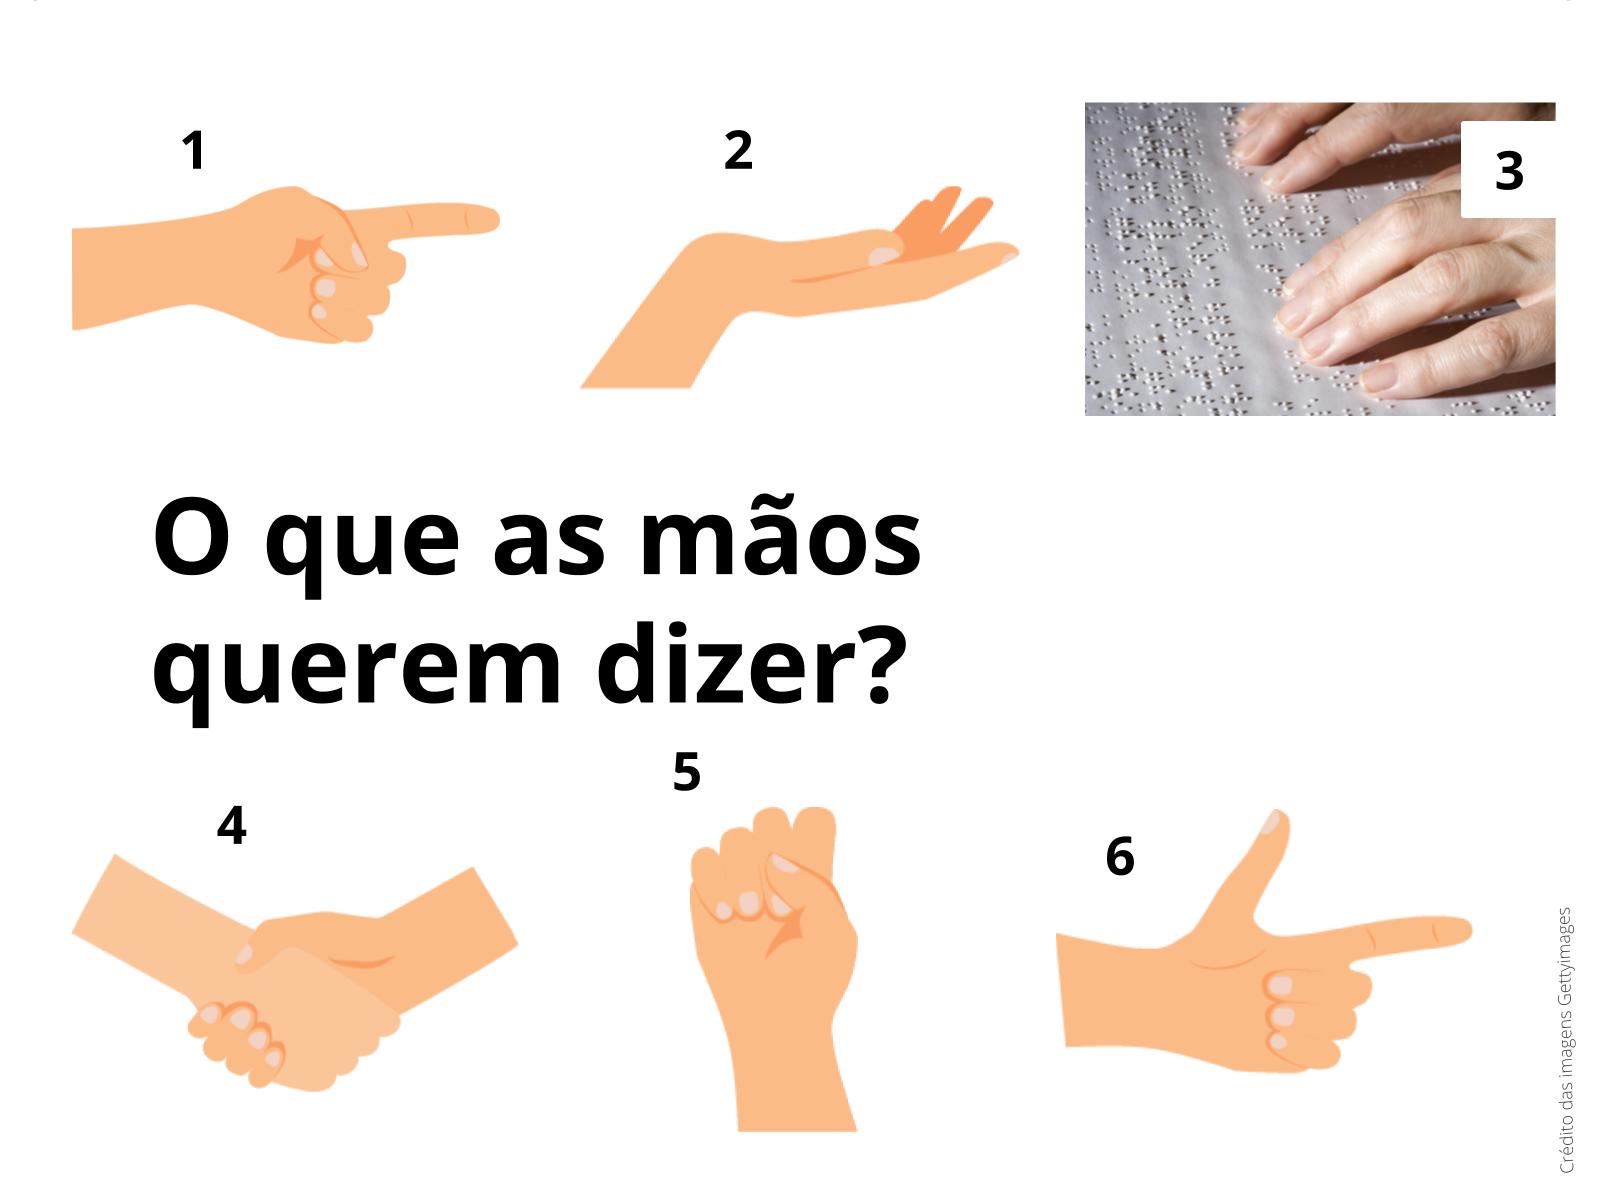 Falando com as mãos